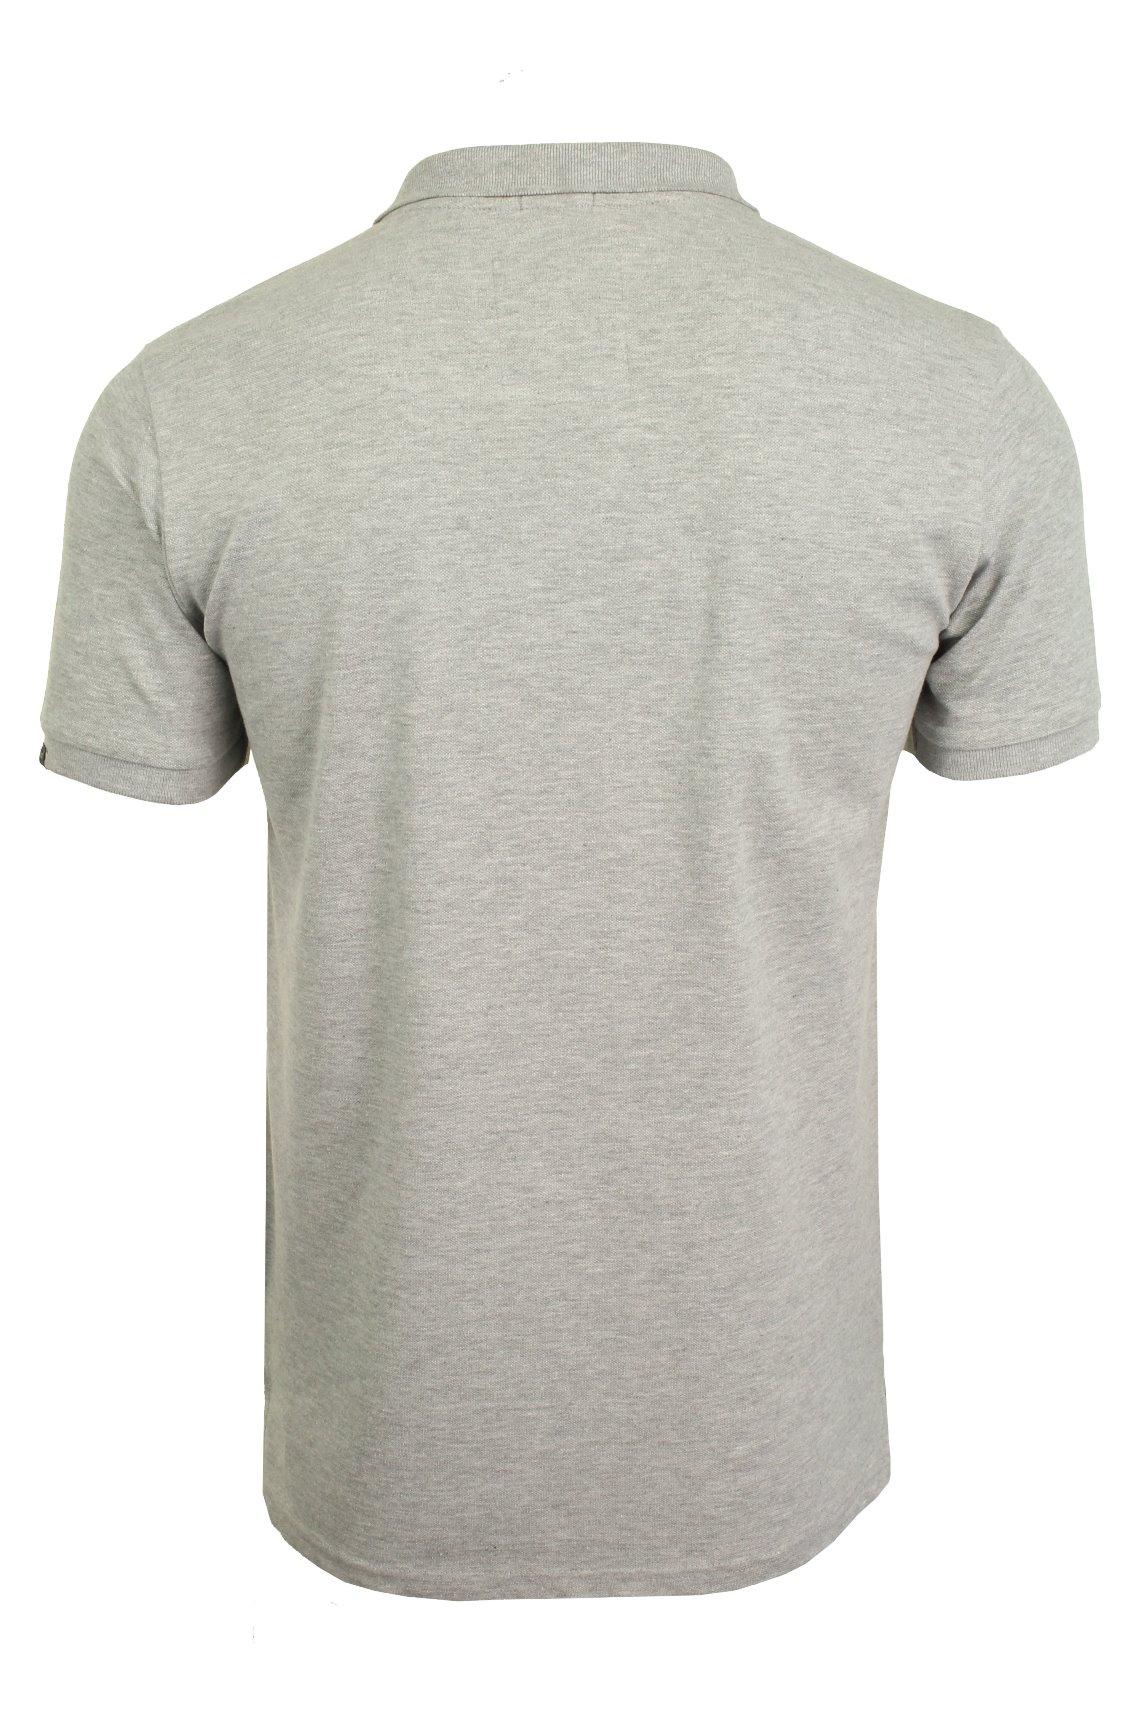 Tokyo-Laundry-Camicie-polo-039-Roseville-039-Manica-corta-Uomo